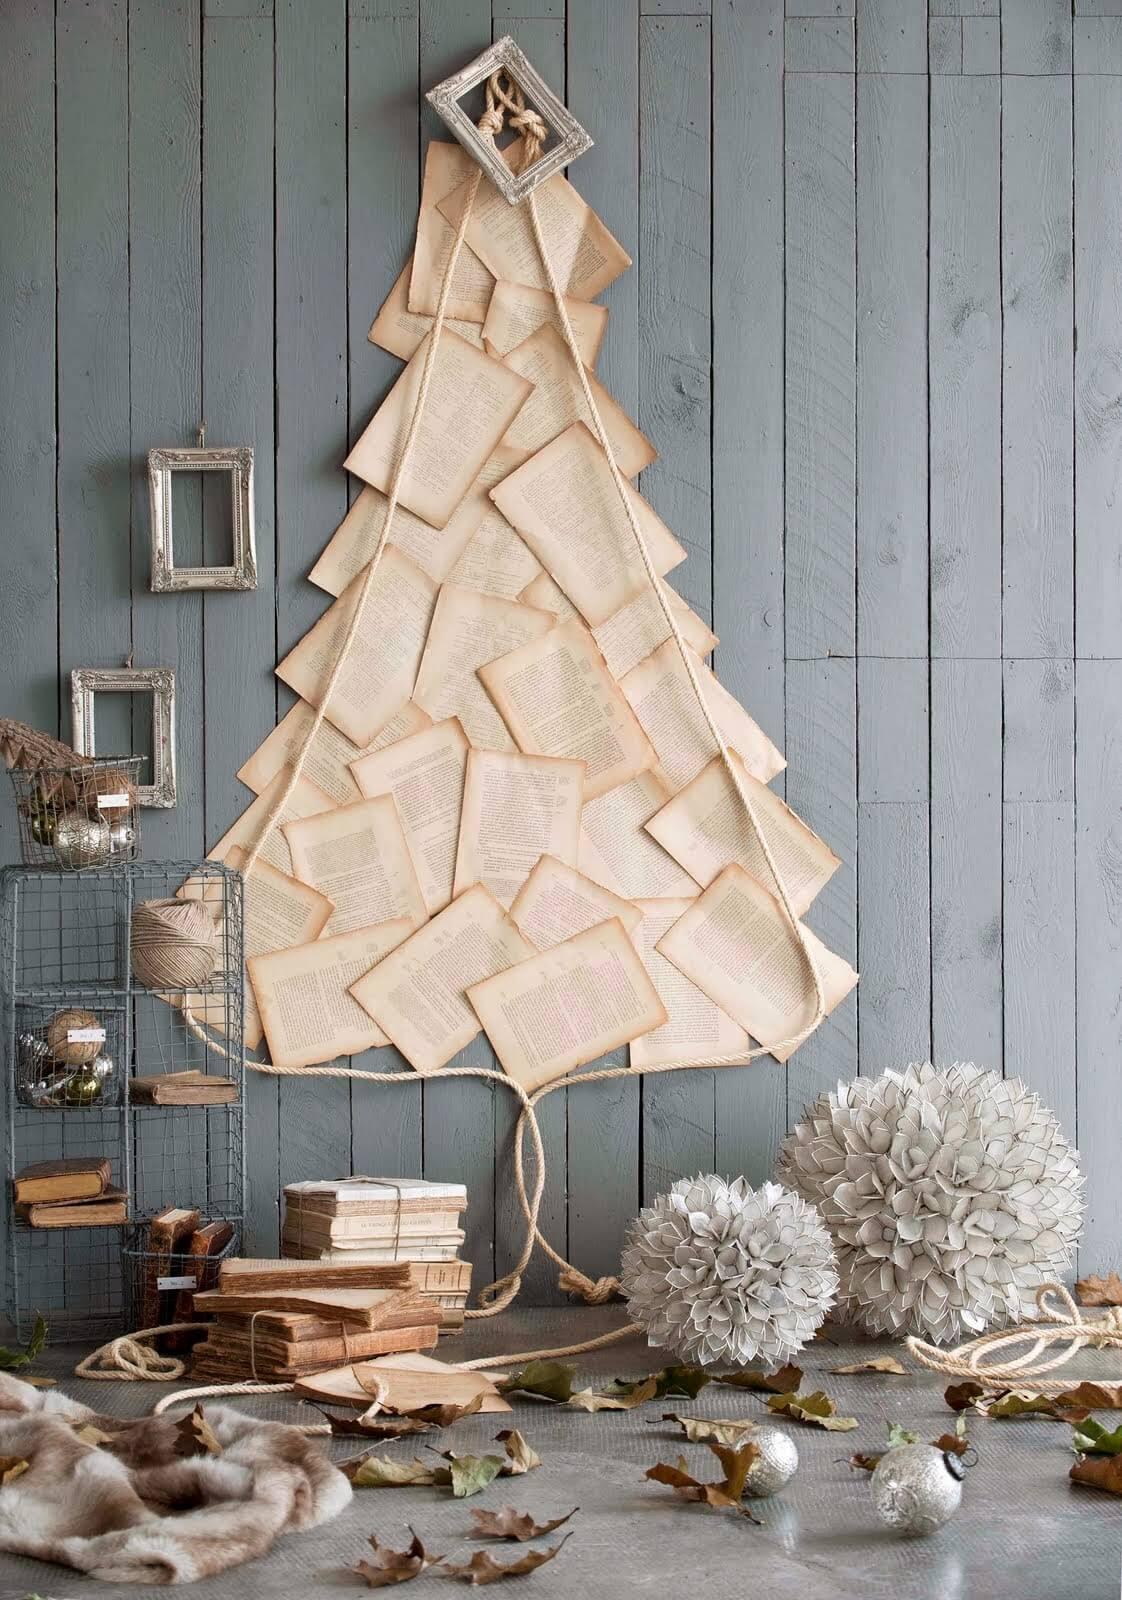 arboles-de-navidad-originales-hecho-con-paginas-de-libro-antiguo